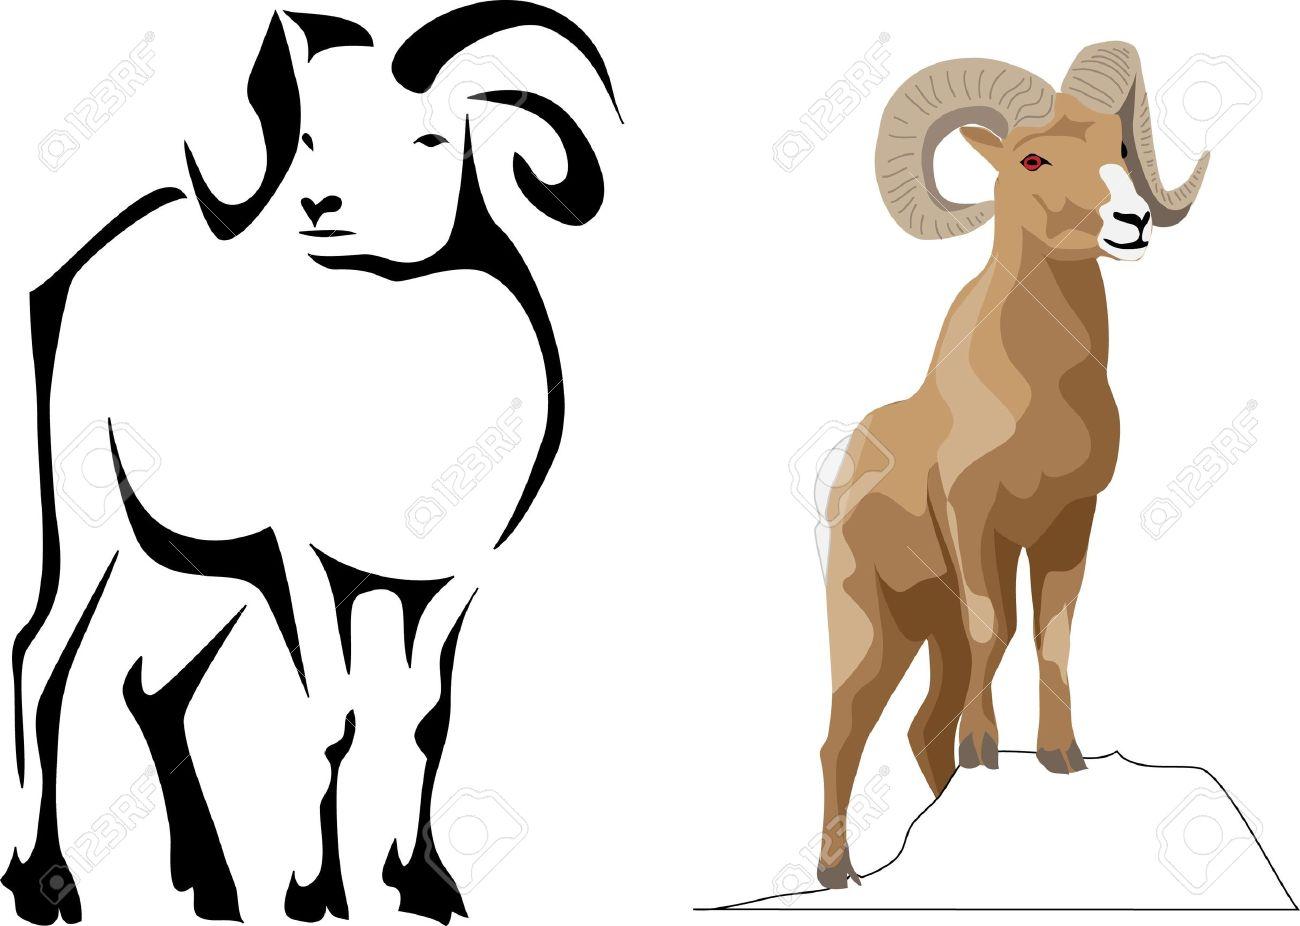 bighorn sheep Stock Vector - 10771482